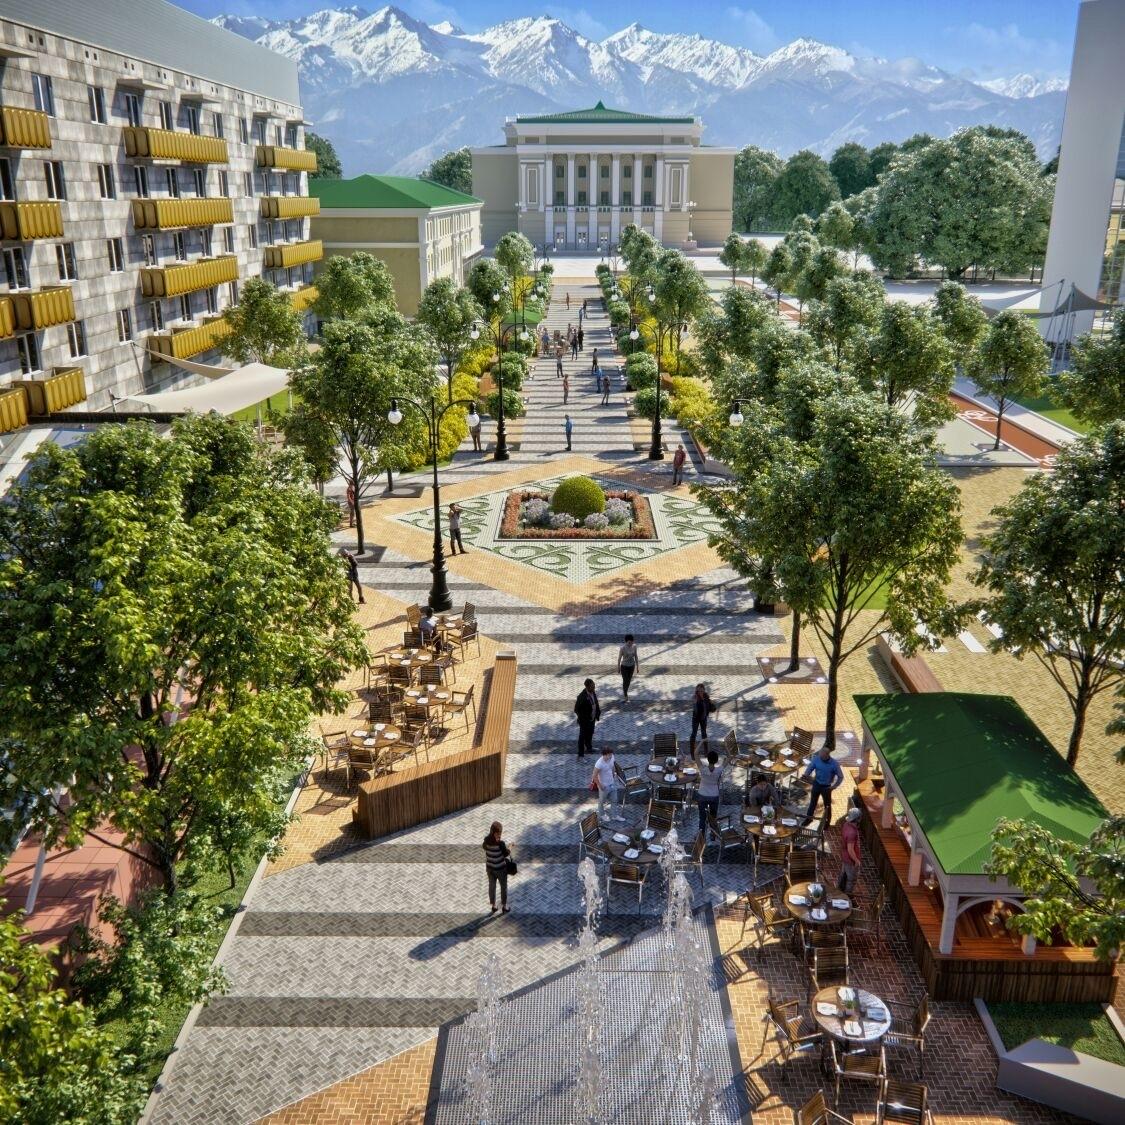 Реконструкция улиц будет проводиться в угоду пешеходам